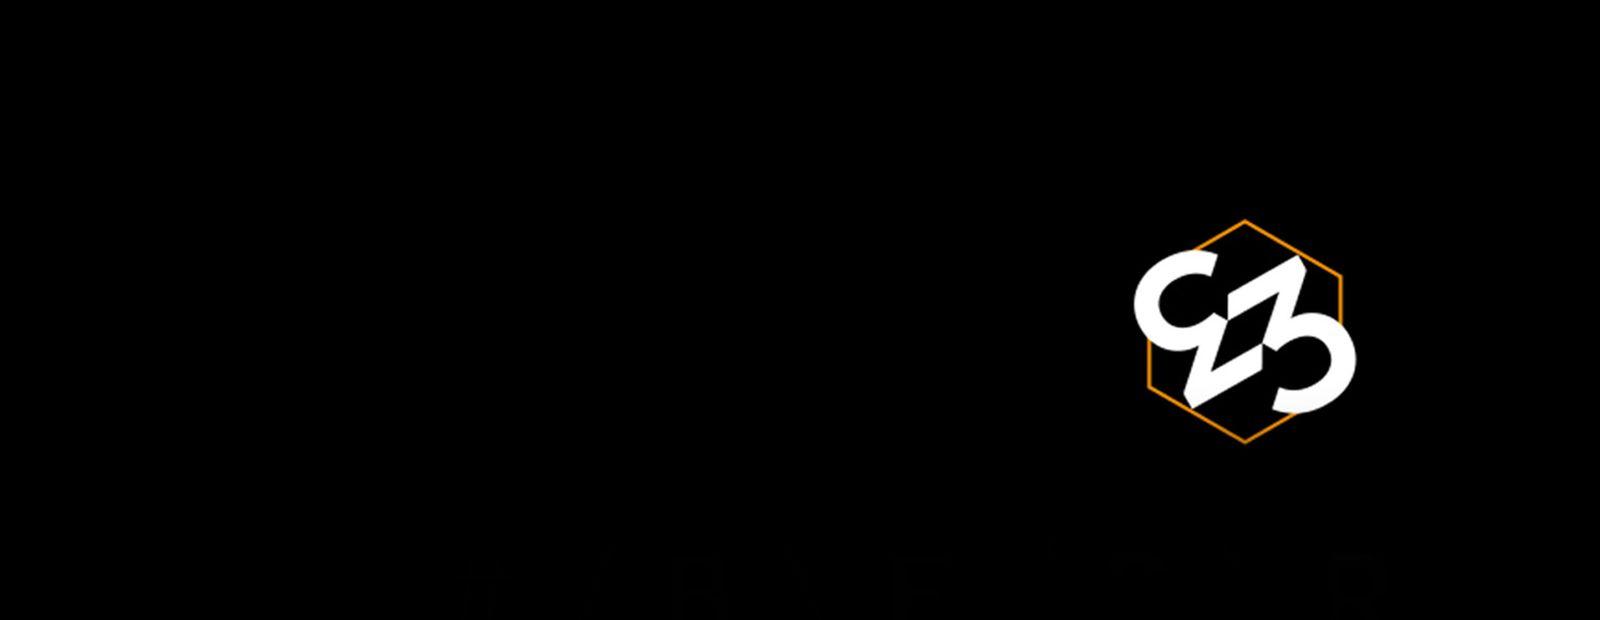 Beste Verdrahtetes Logo Galerie - Der Schaltplan - traveltopus.info